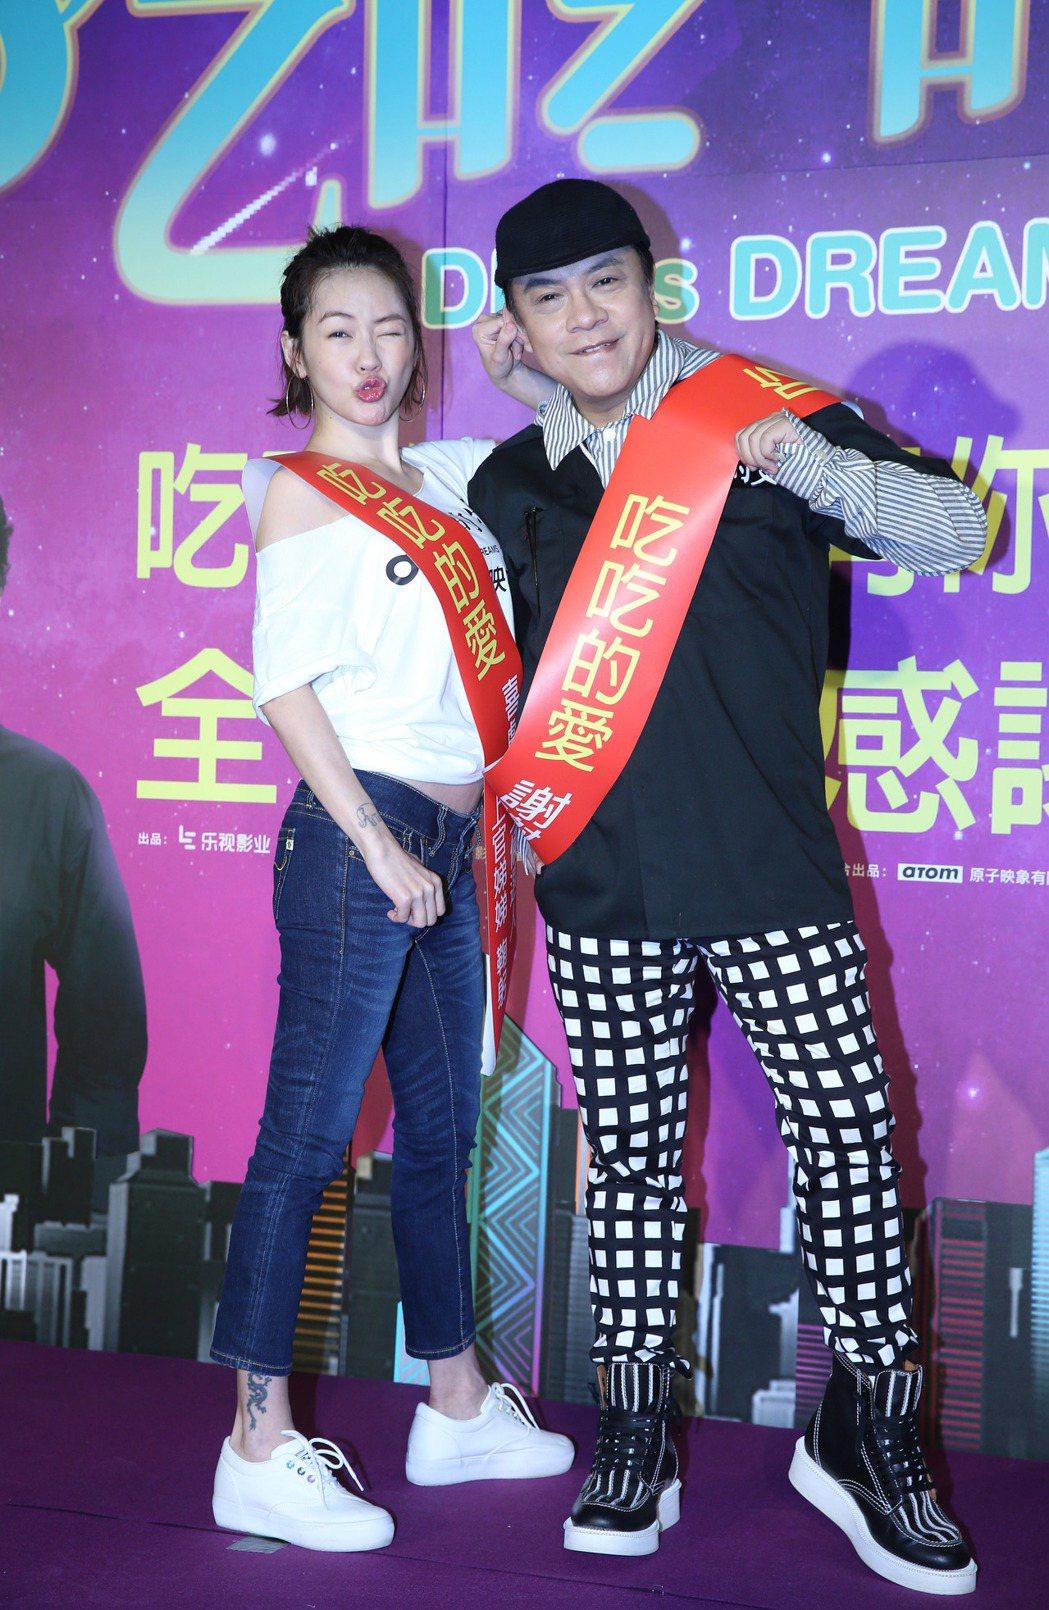 蔡康永導演(右)與徐熙娣(小S)為「吃吃的愛」展開謝票宣傳。記者陳瑞源/攝影